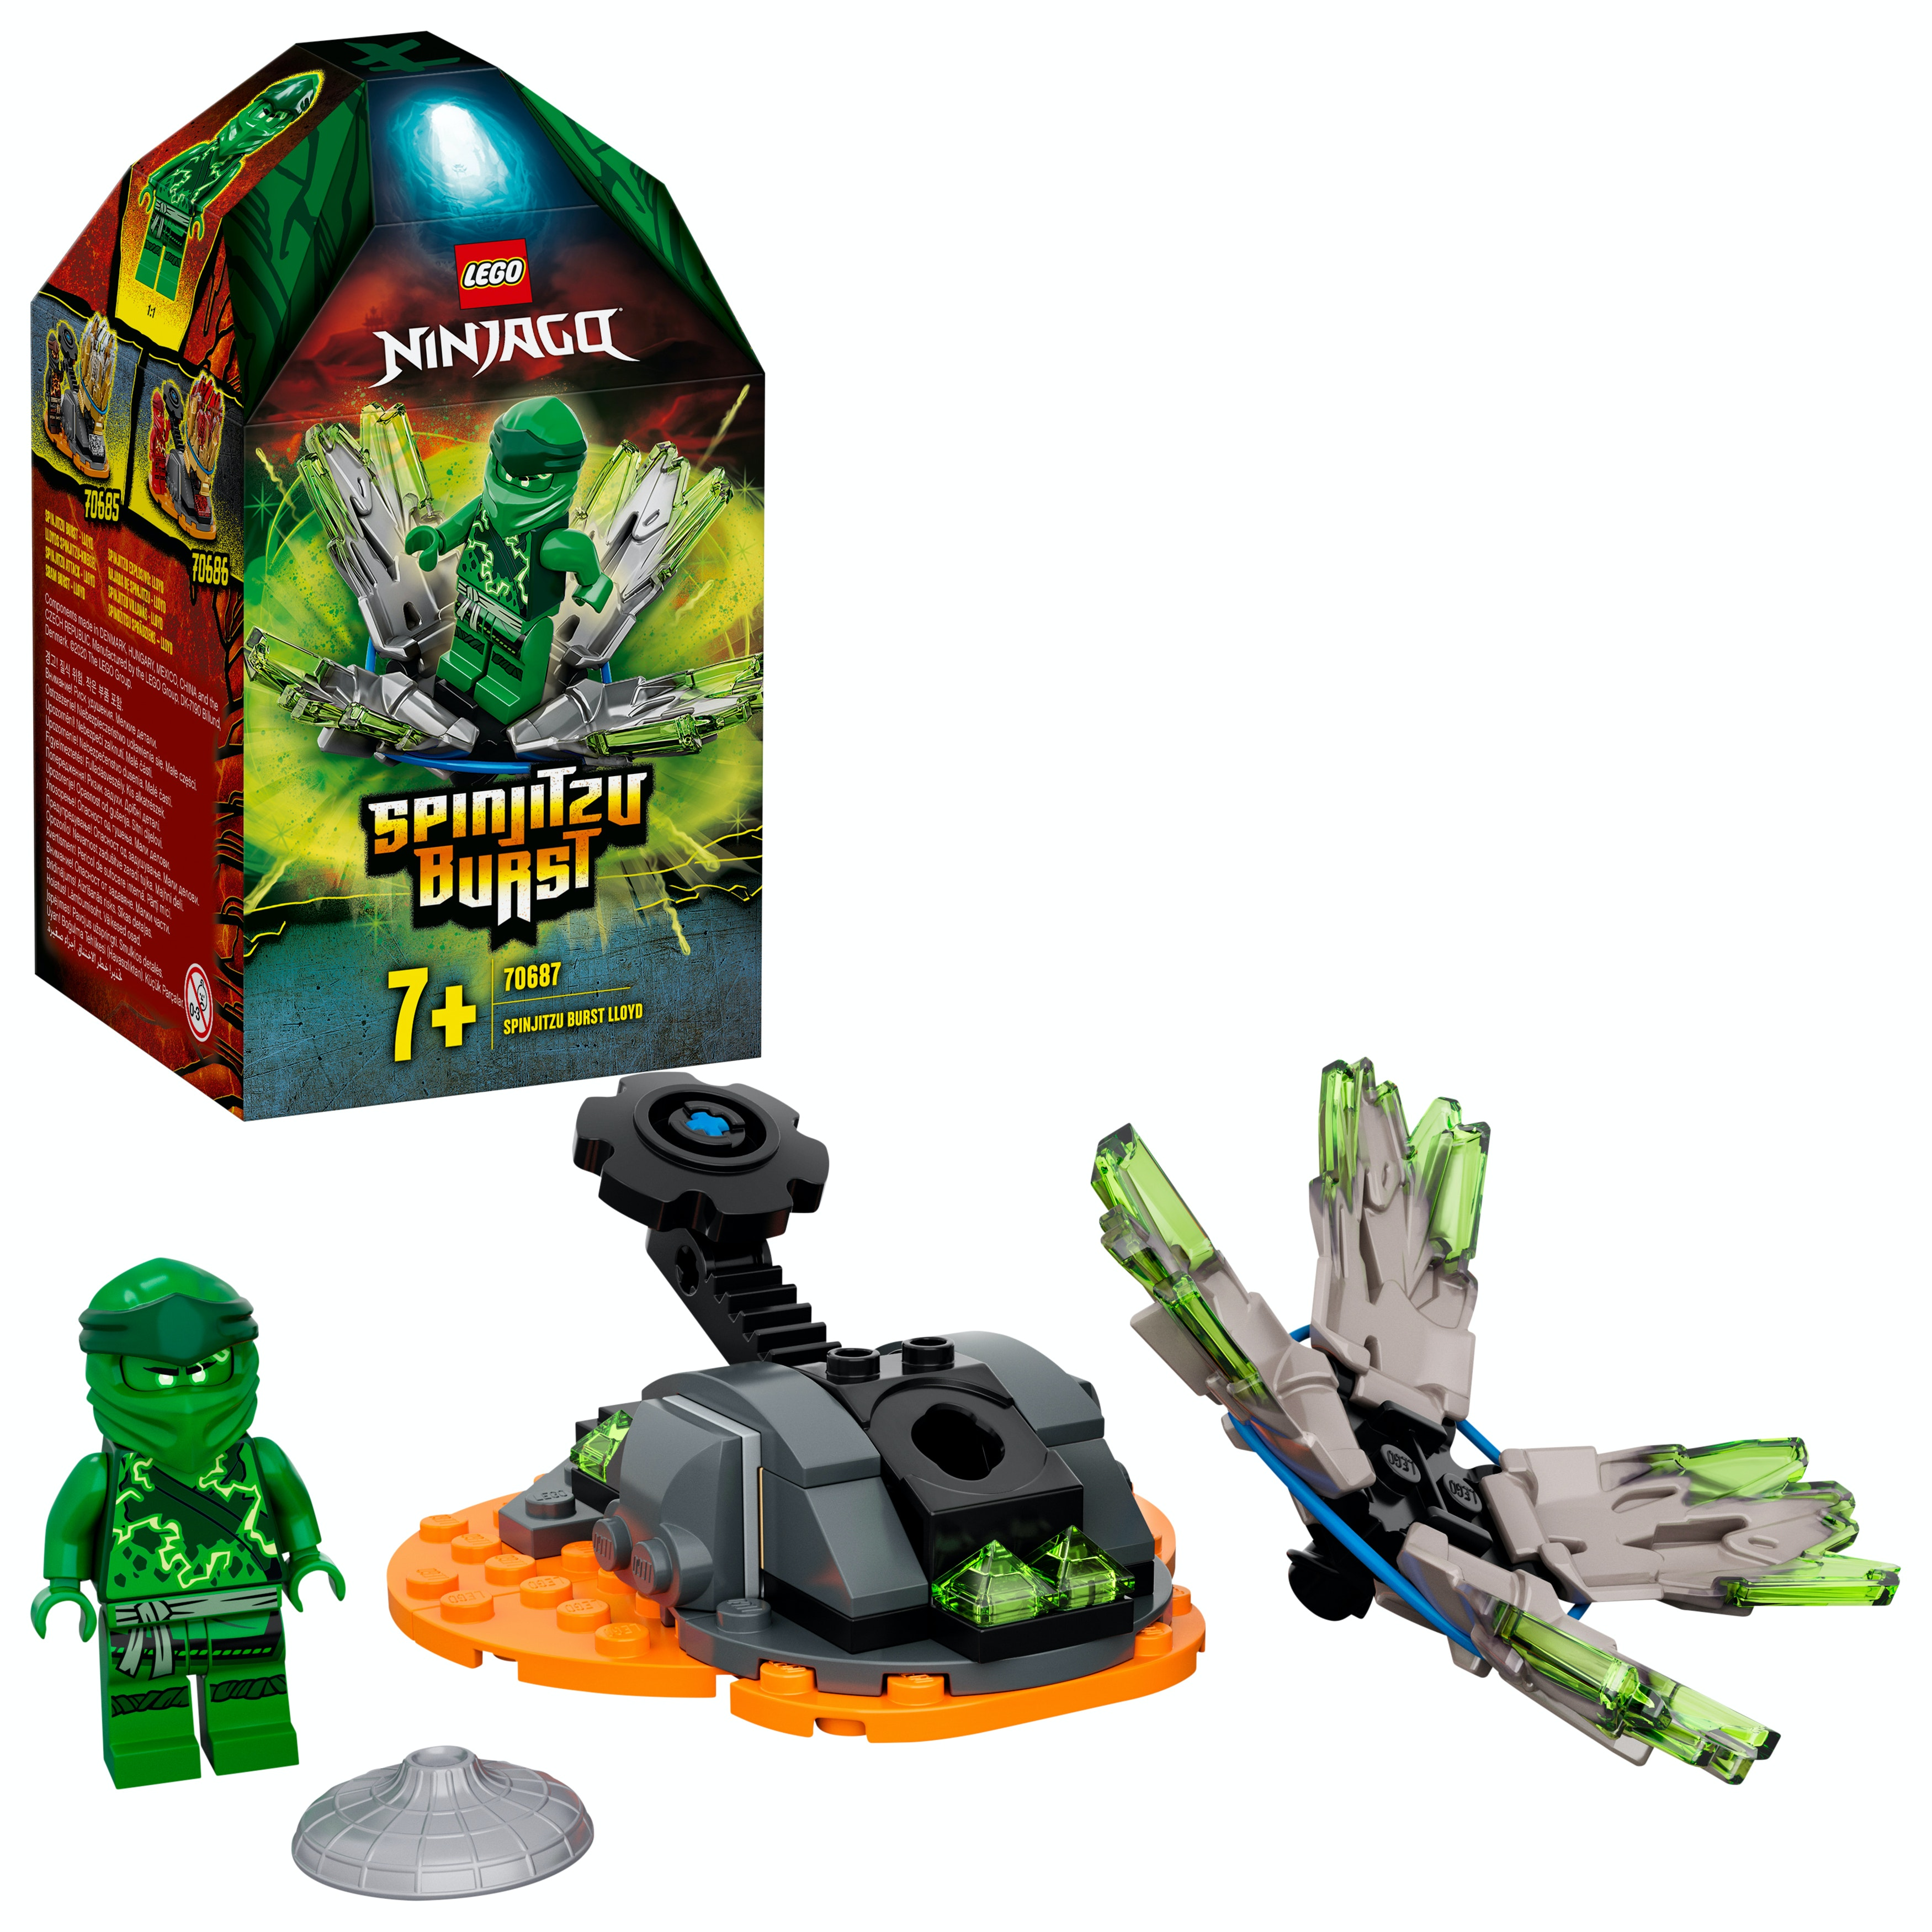 Lego 70687 Ninjago Spinjitzu Burst Lloyd